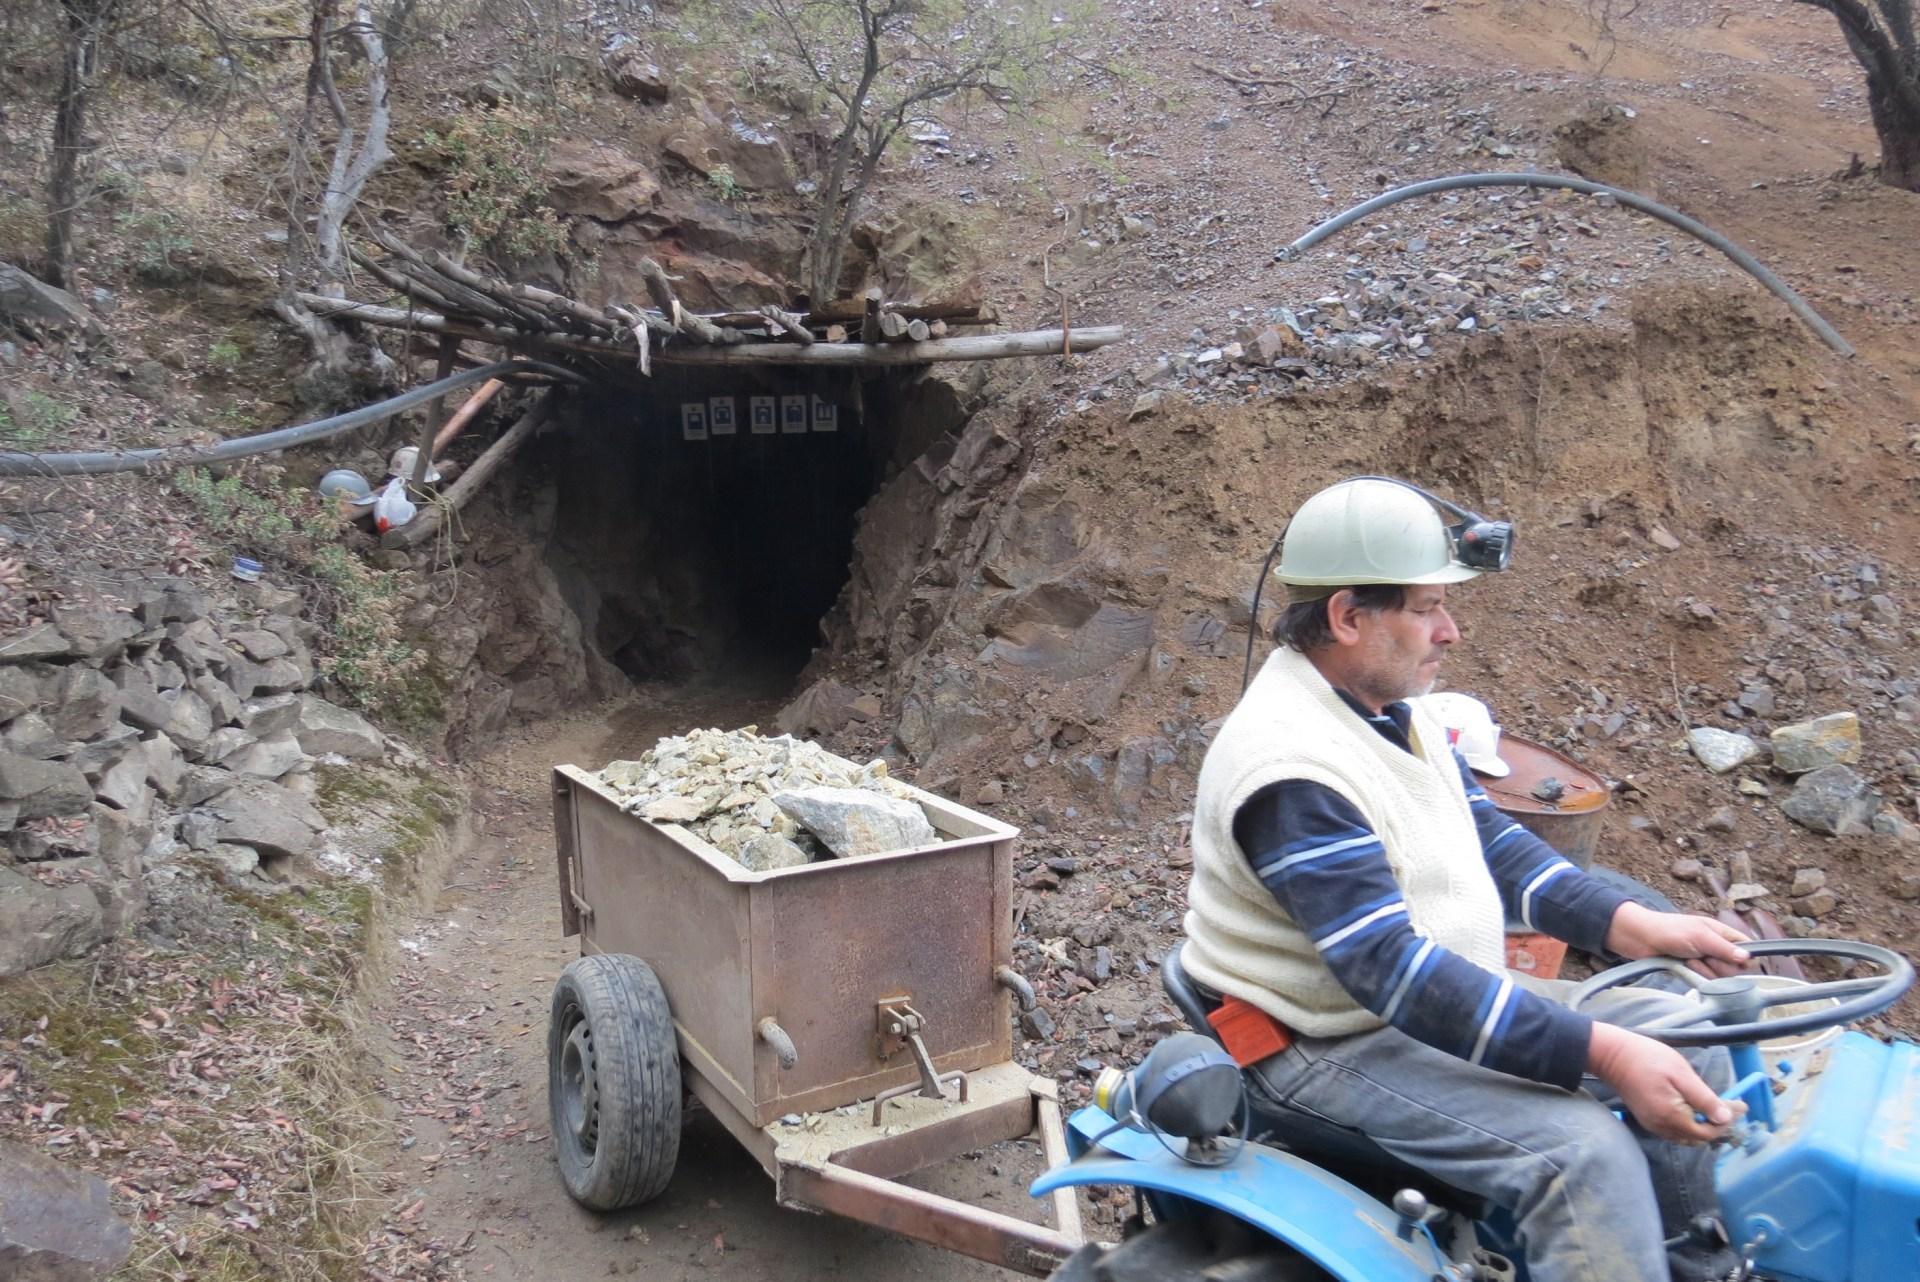 Liturgia ecuménica, entrega de recursos  y feria incluirá el Mes de la Minería